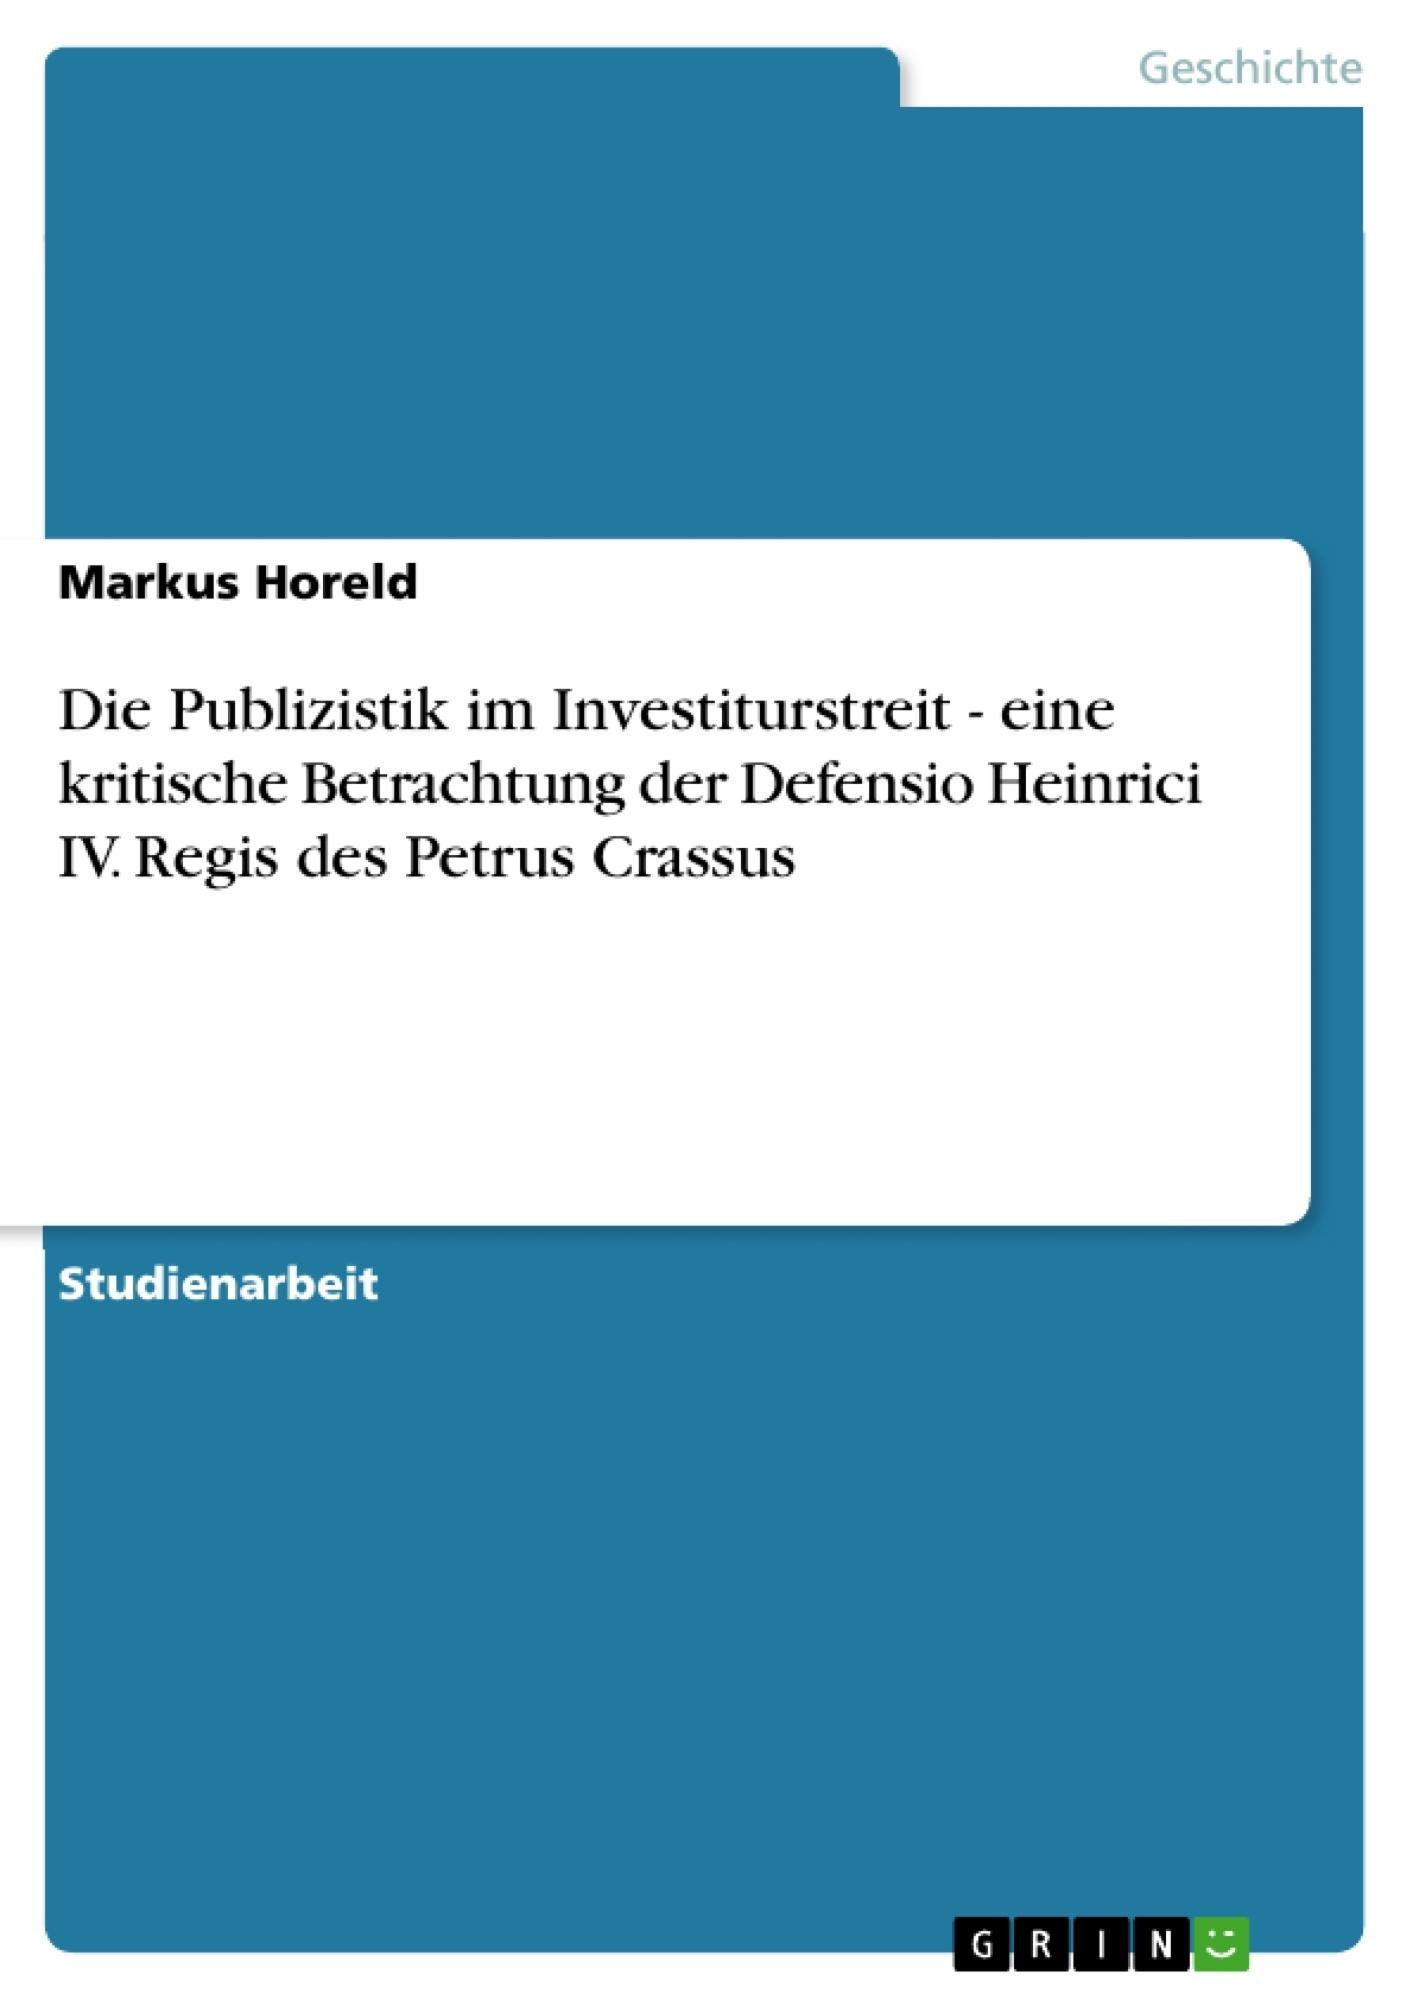 Titel: Die Publizistik im Investiturstreit - eine kritische Betrachtung der Defensio Heinrici IV. Regis des Petrus Crassus